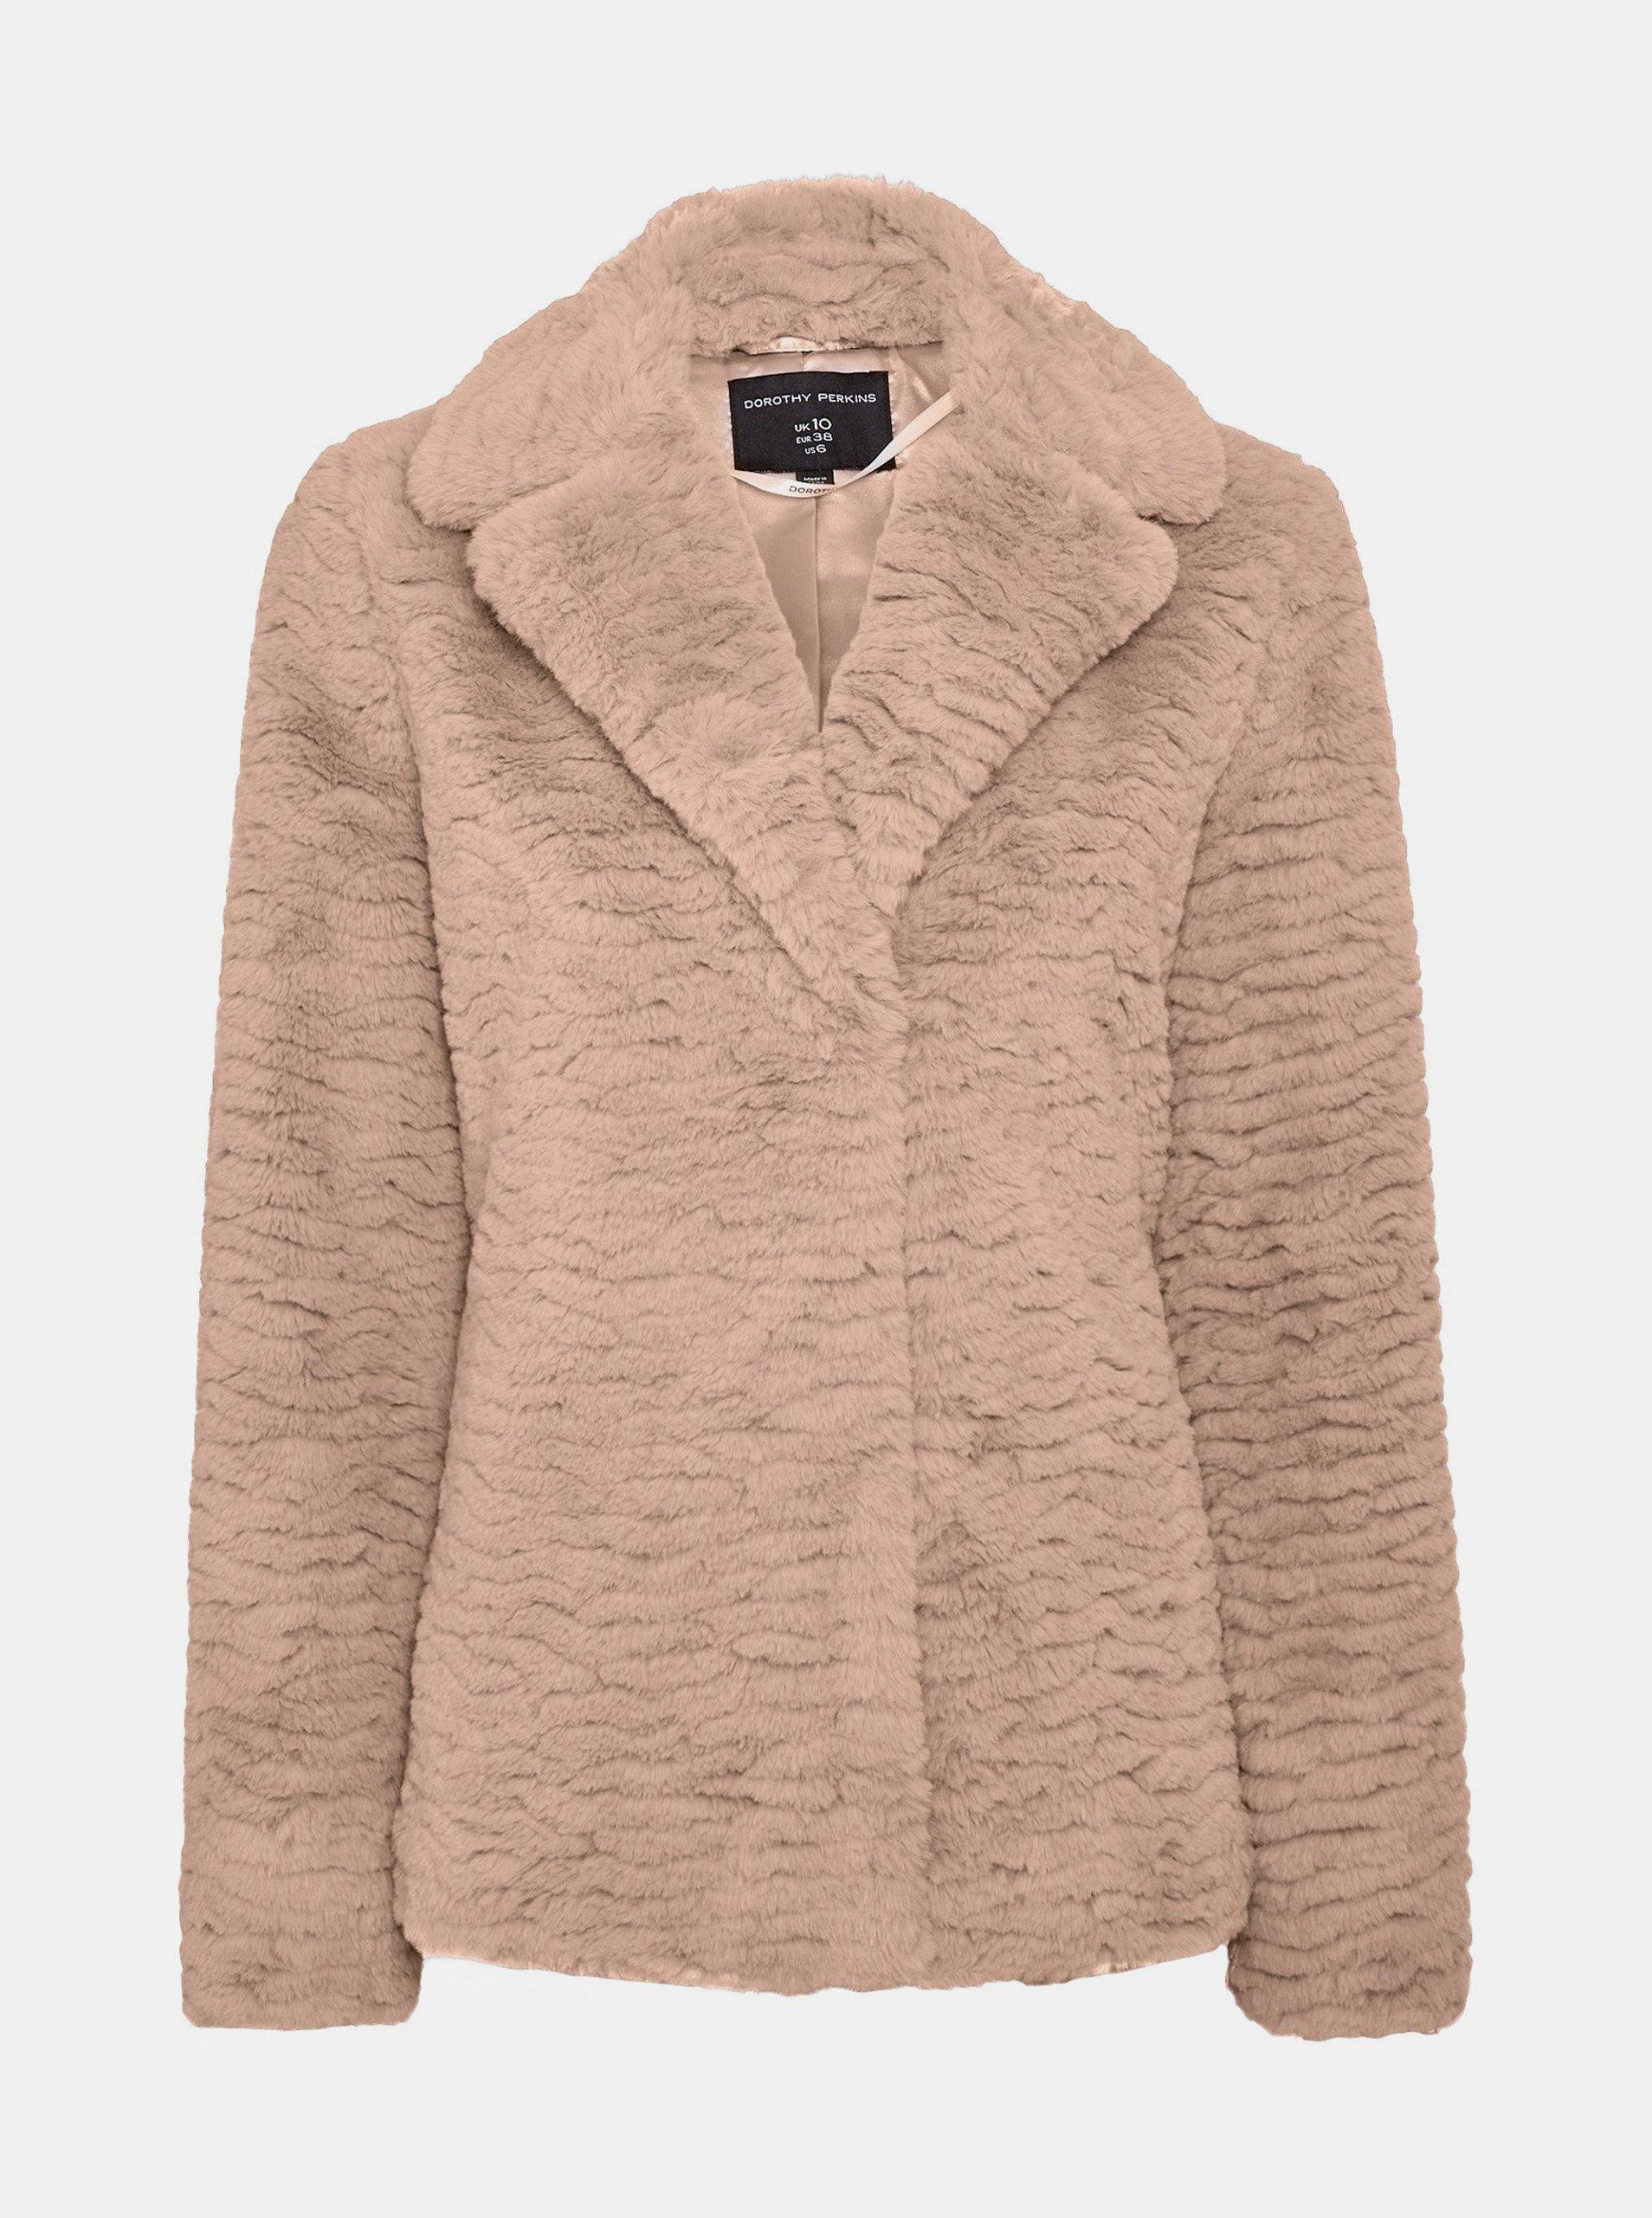 Svetlohnedý krátky kabát z umelého kožúšku Dorothy Perkins.